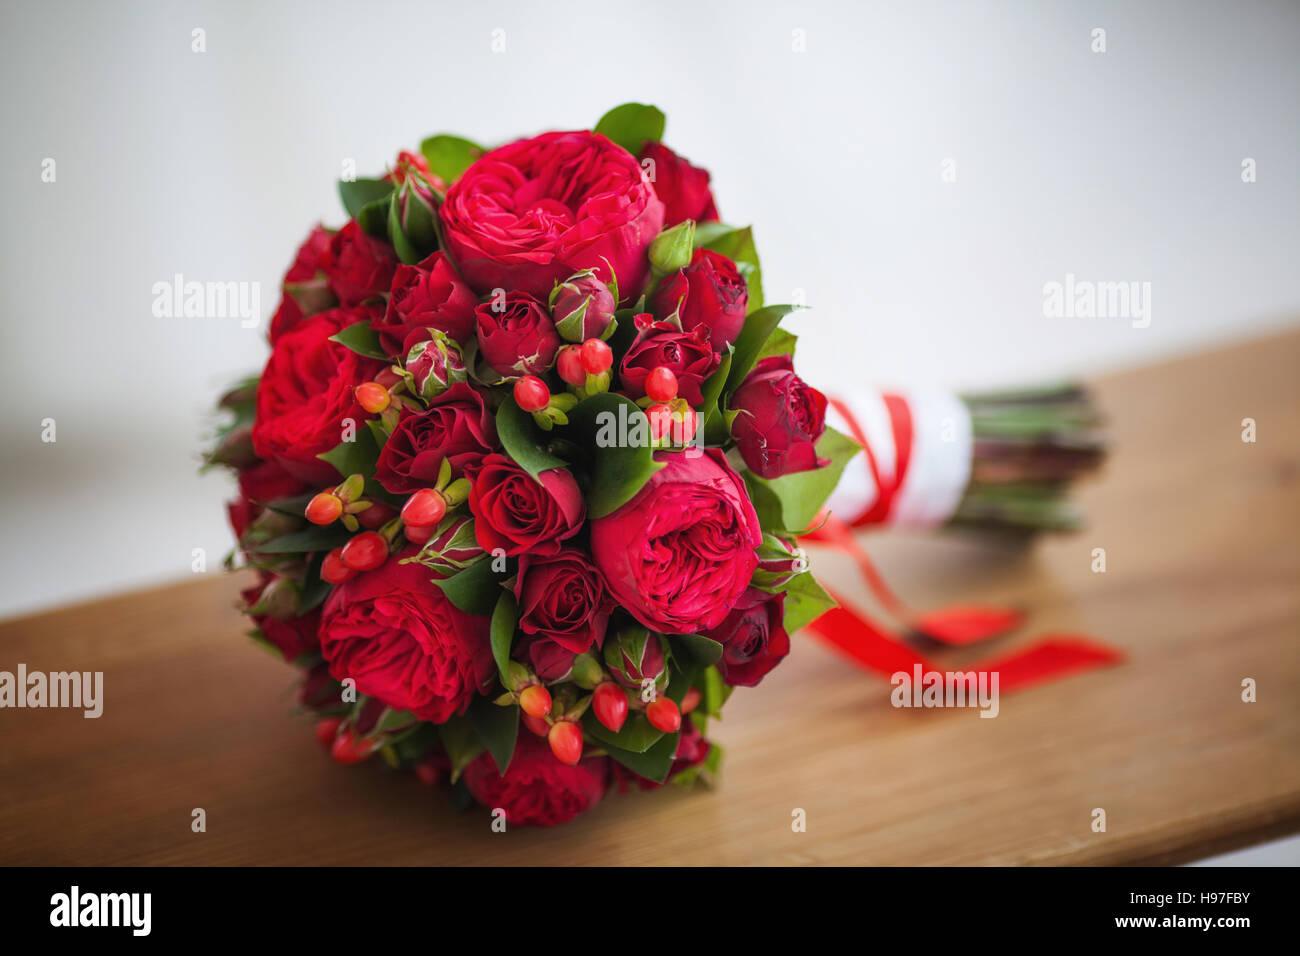 hochzeit brautstrau der grosse rote rosen stockfoto bild 126170239 alamy. Black Bedroom Furniture Sets. Home Design Ideas